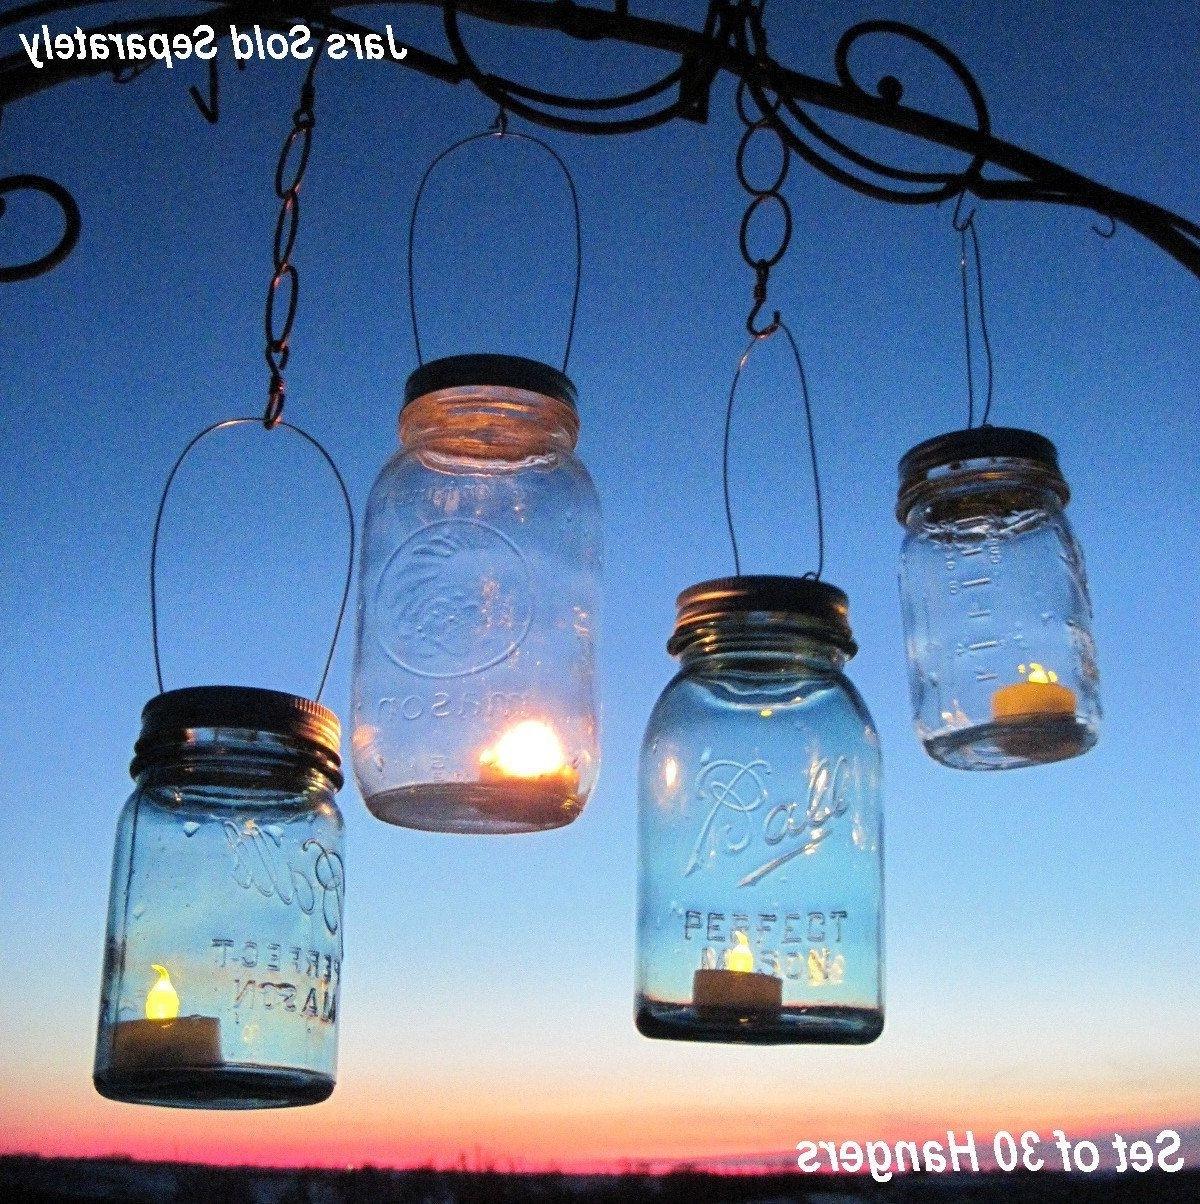 30 Candle Lantern Lids Diy Wedding Mason Jar Lanterns Hanging Design Pertaining To 2019 Outdoor Jar Lanterns (View 8 of 20)